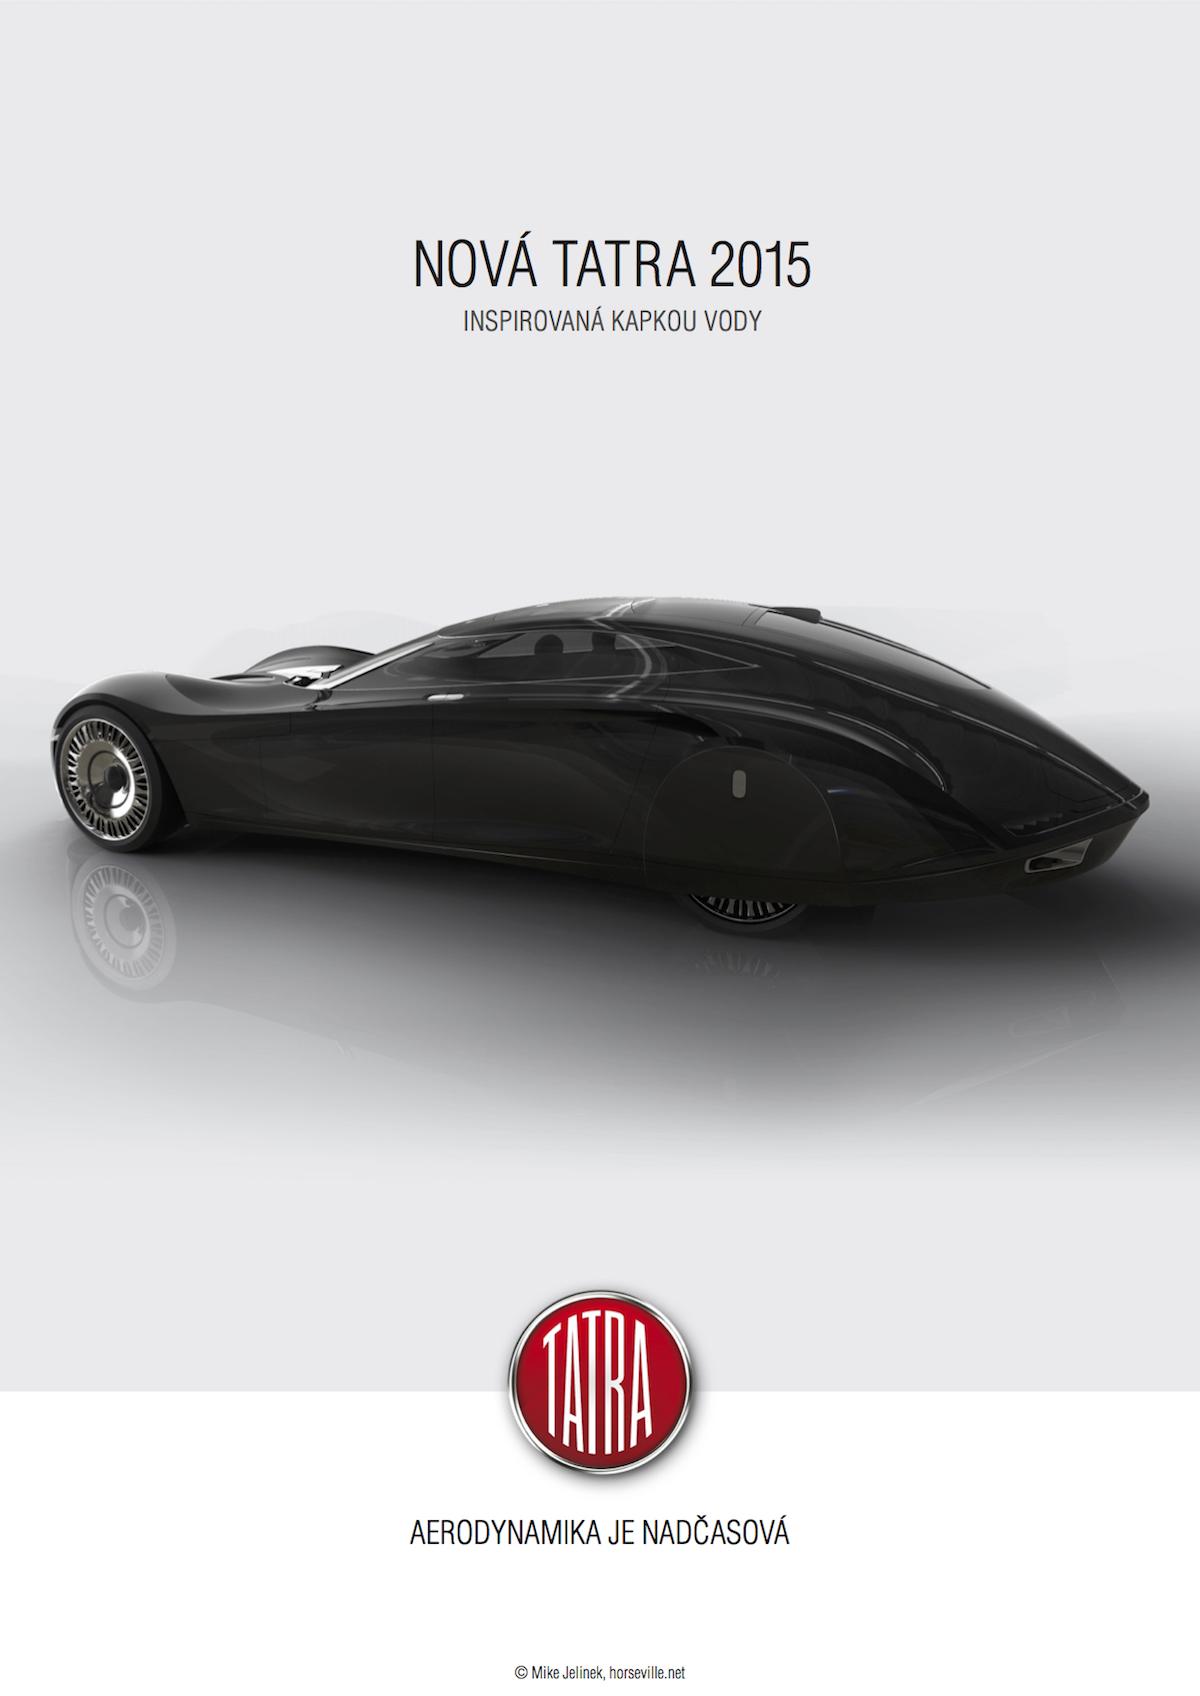 Aprílová vize Ogilvy: Tatra